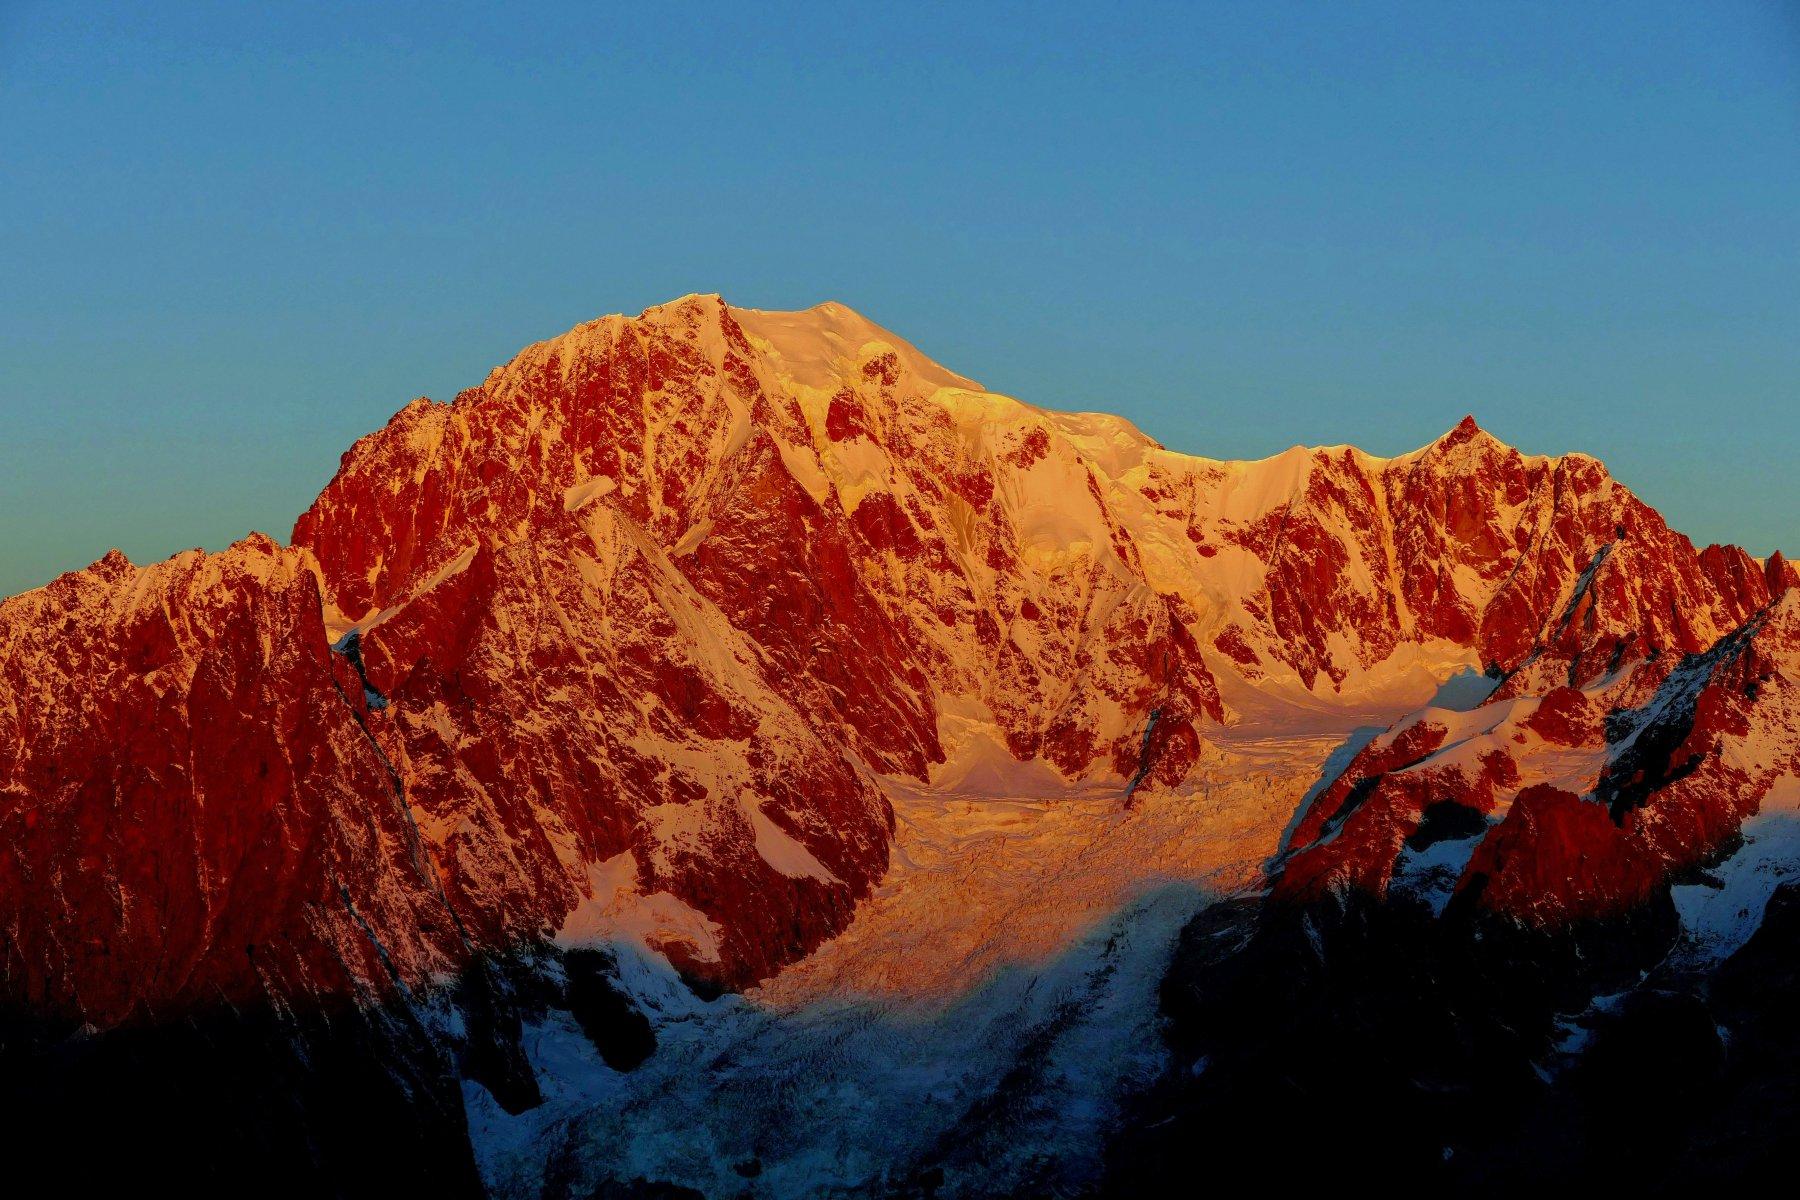 I primi raggi del sole incendiano il Monte Bianco (23-10-15)